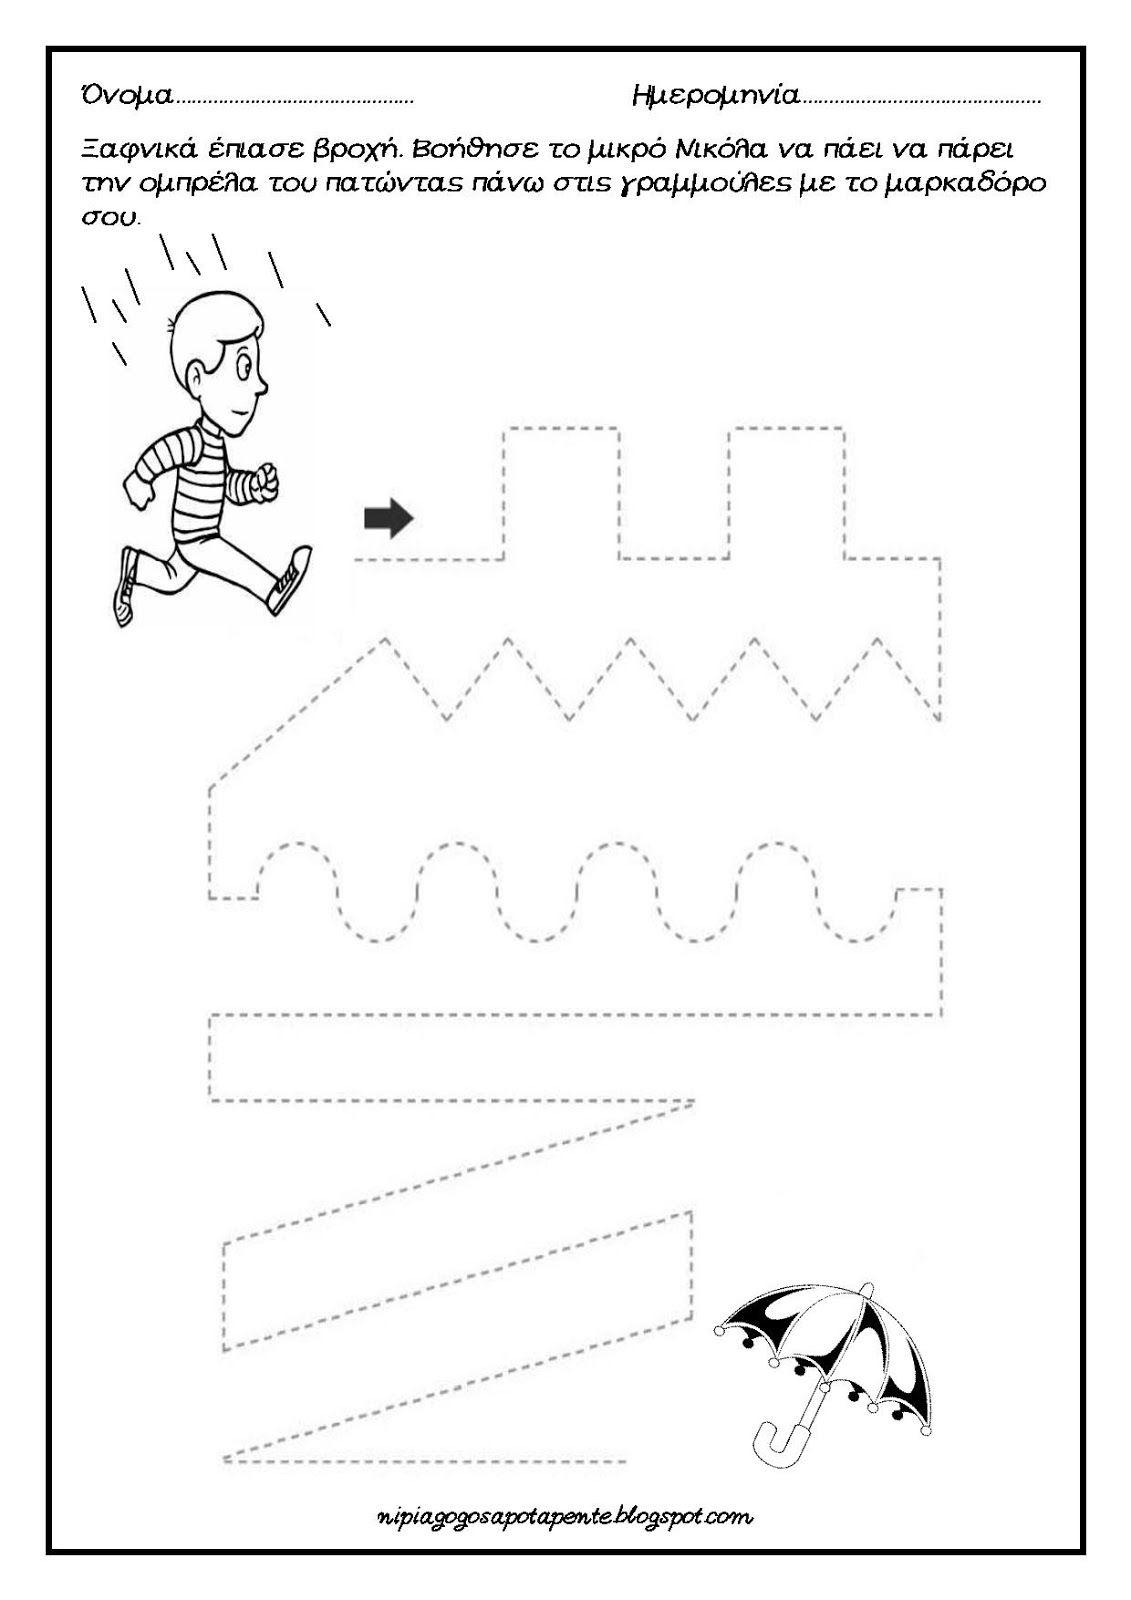 Για τα παραπάνω φύλλα εργασίας σε pdf μορφή κάντε κλικ ΕΔΩ ... Για περισσότερα φύλλα εργασίας… | Pre writing activities, Preschool activities, Writing activities